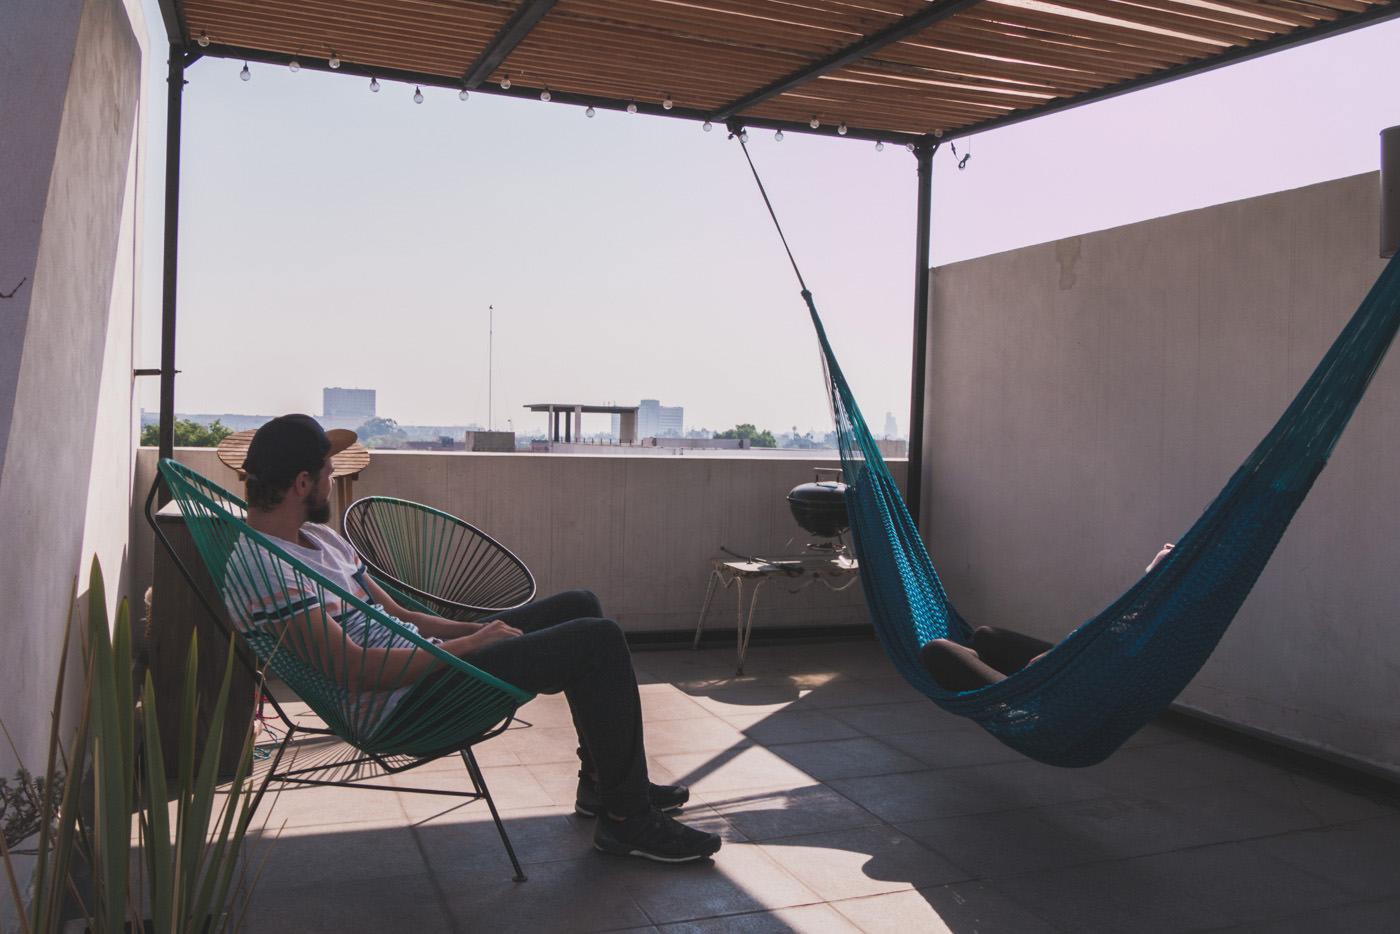 Wir auf der Dachterrasse unseres AirBnB Appartements